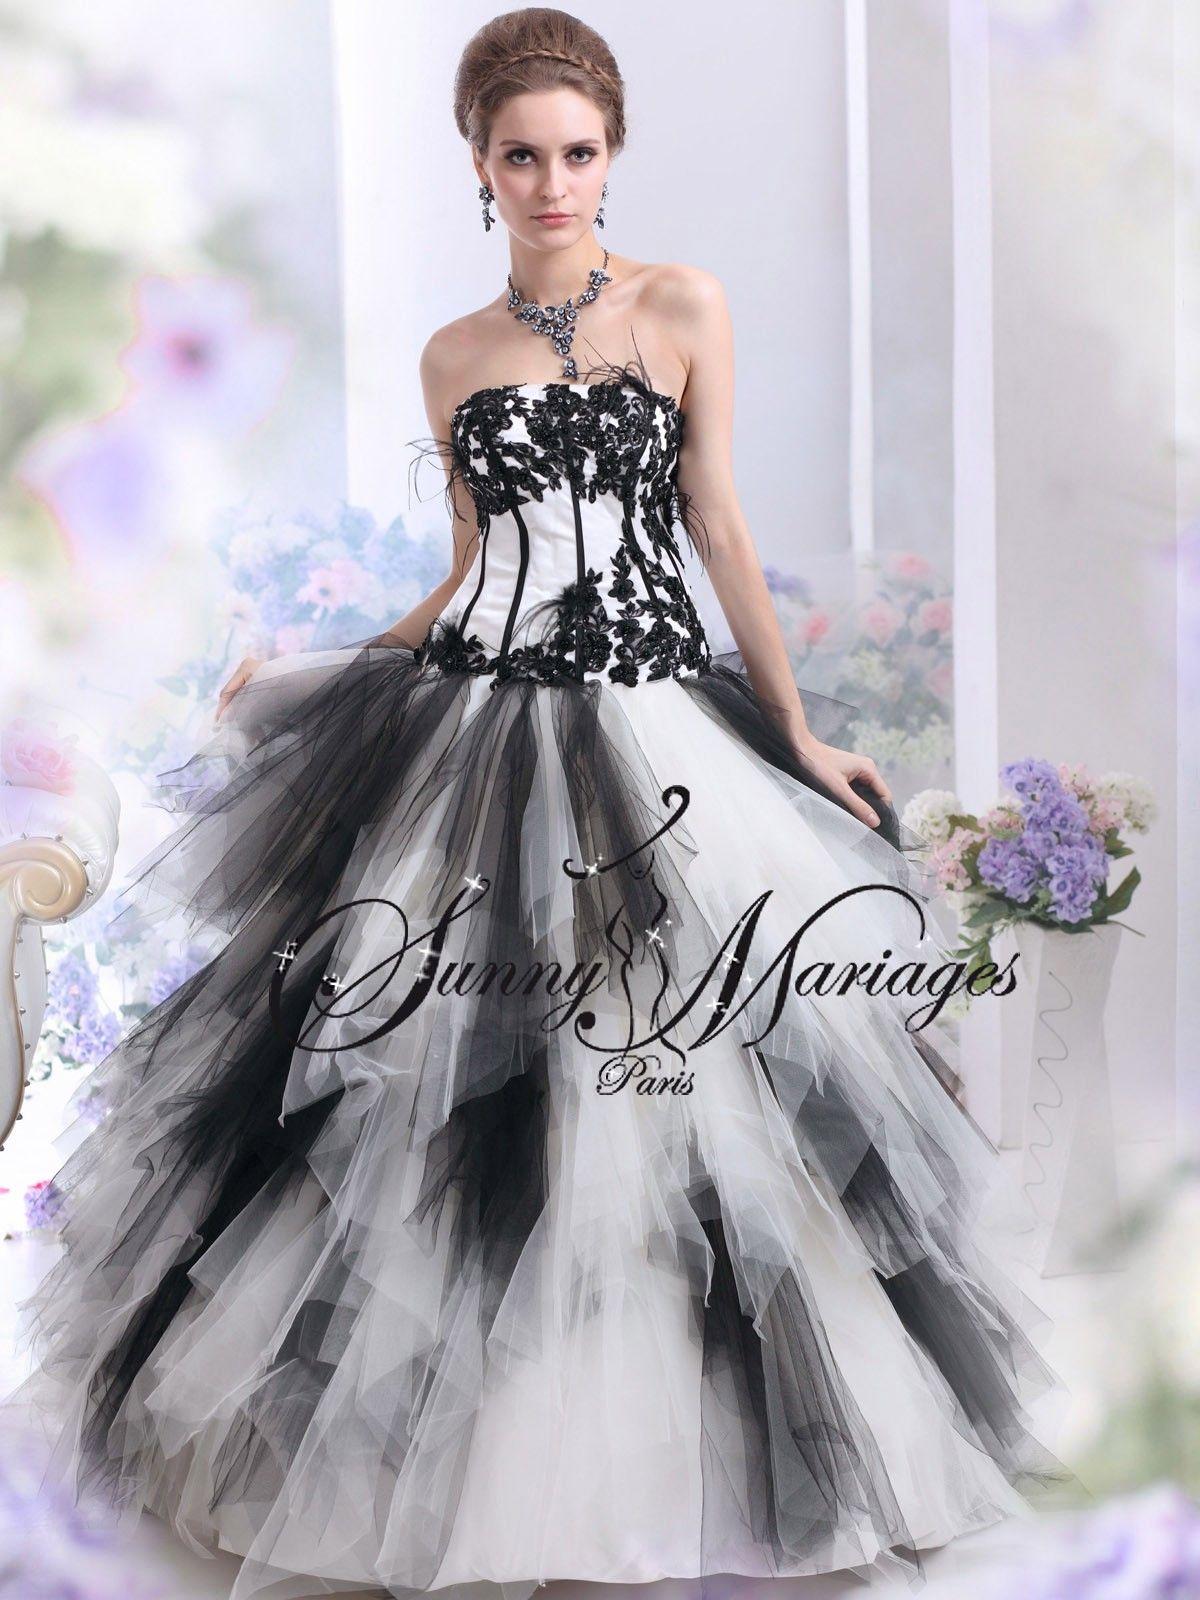 robe de mariee noir et blanc ou autres couleurs